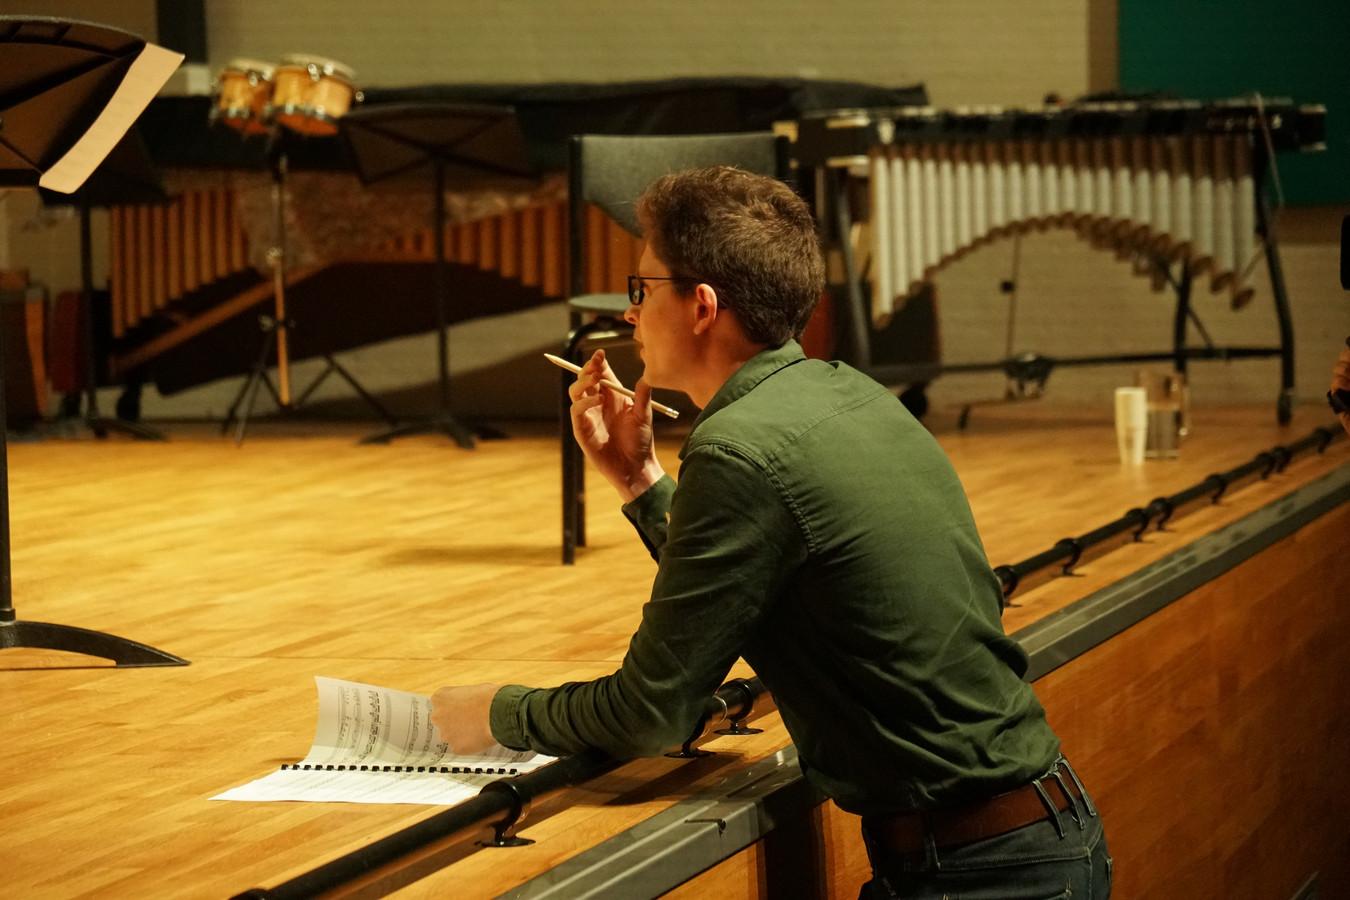 Maurick Reuser tijdens de repetitie en opname van Memory Lane (2020) door Trio Chimaera op Hogeschool voor de Kunsten Utrecht